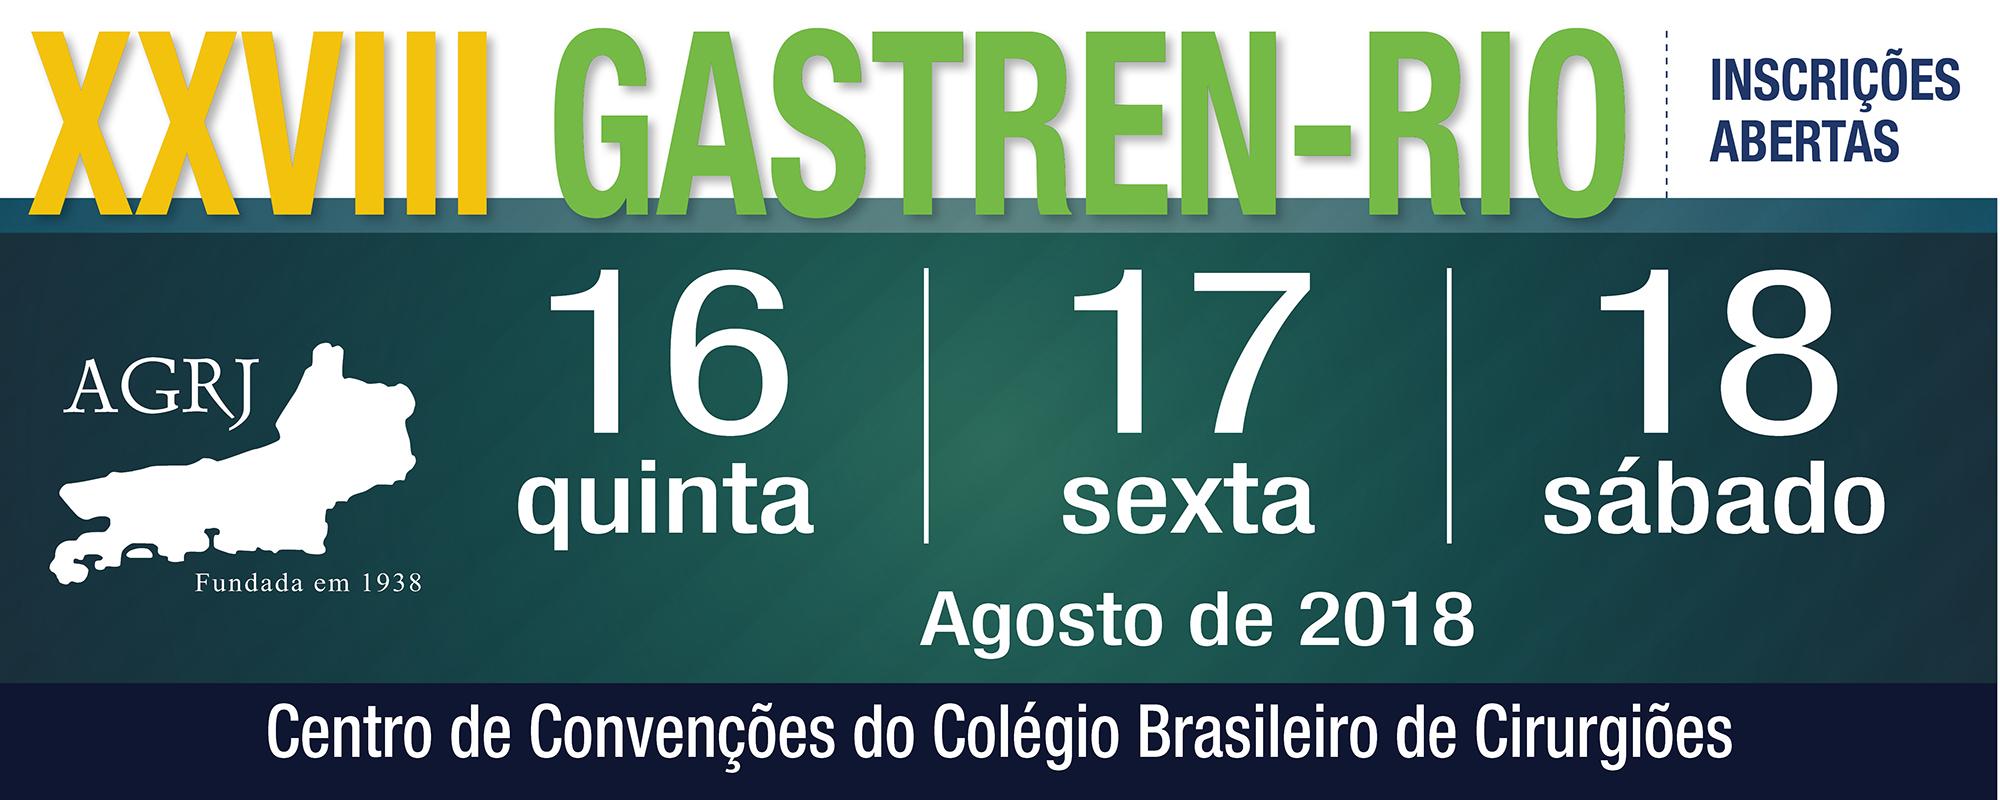 XXVIII GASTREN-RIO_BANNER-HOME-SITE